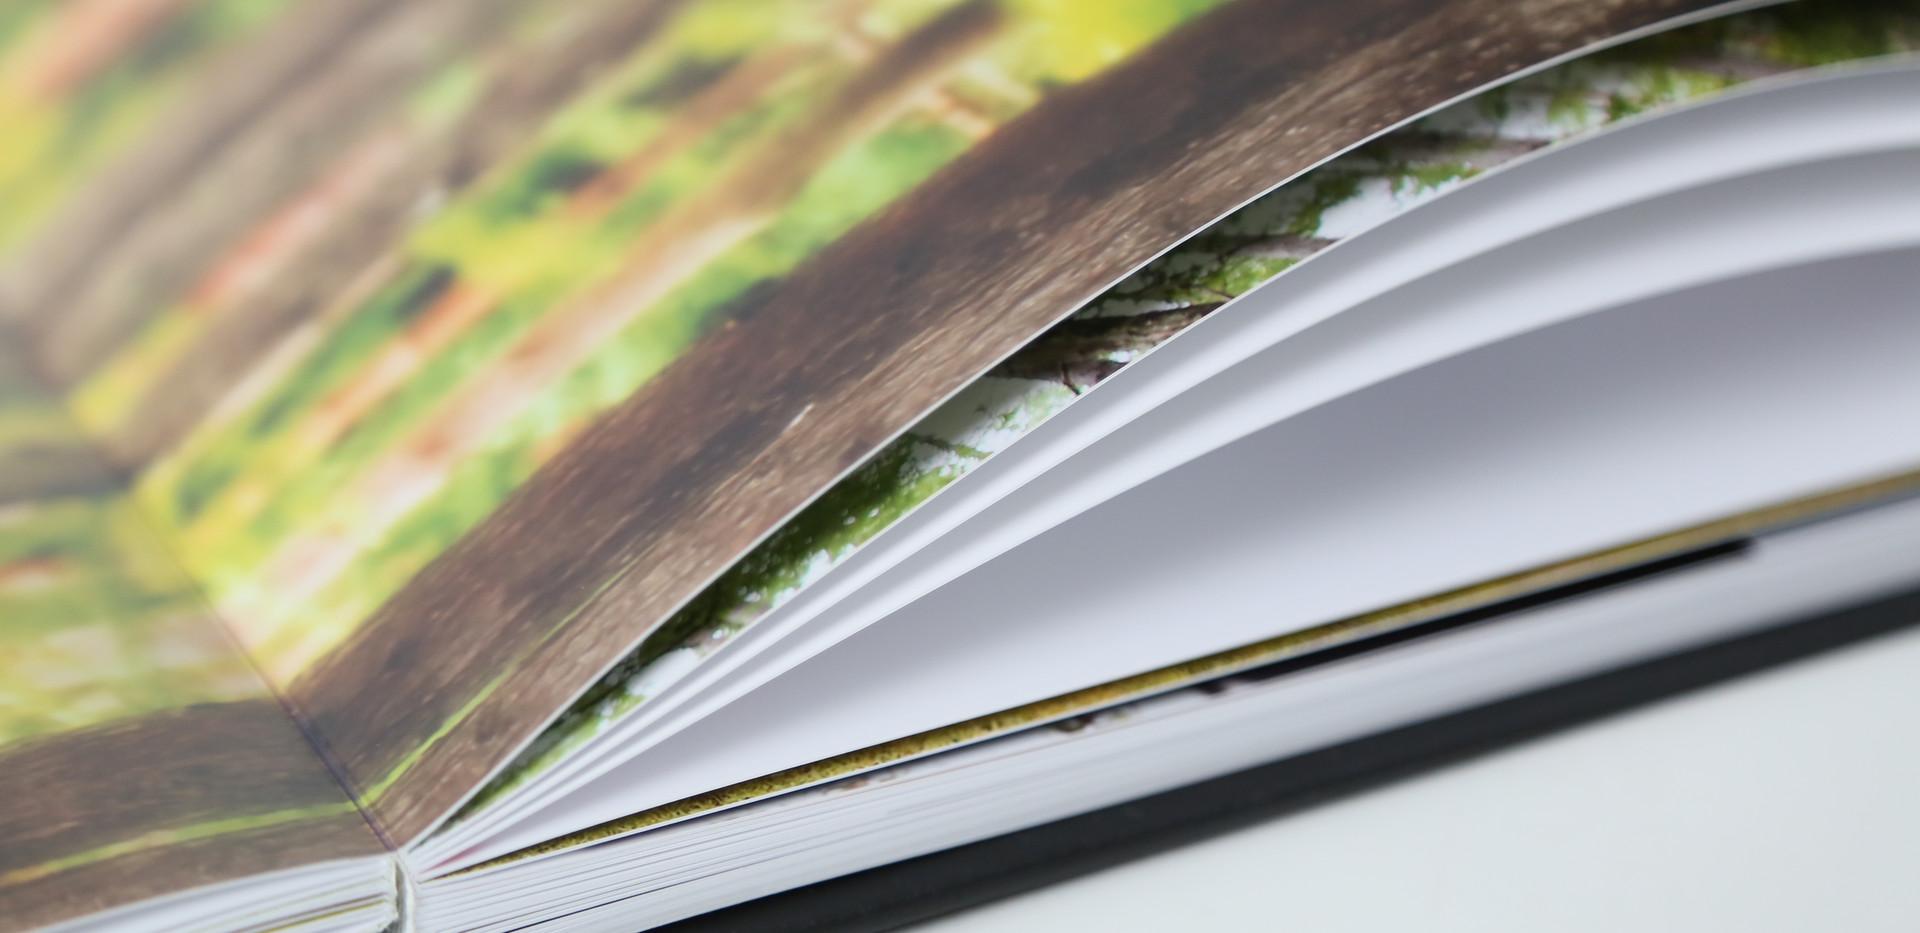 最大100ページまで可能な銀塩プリントレイフラット製本